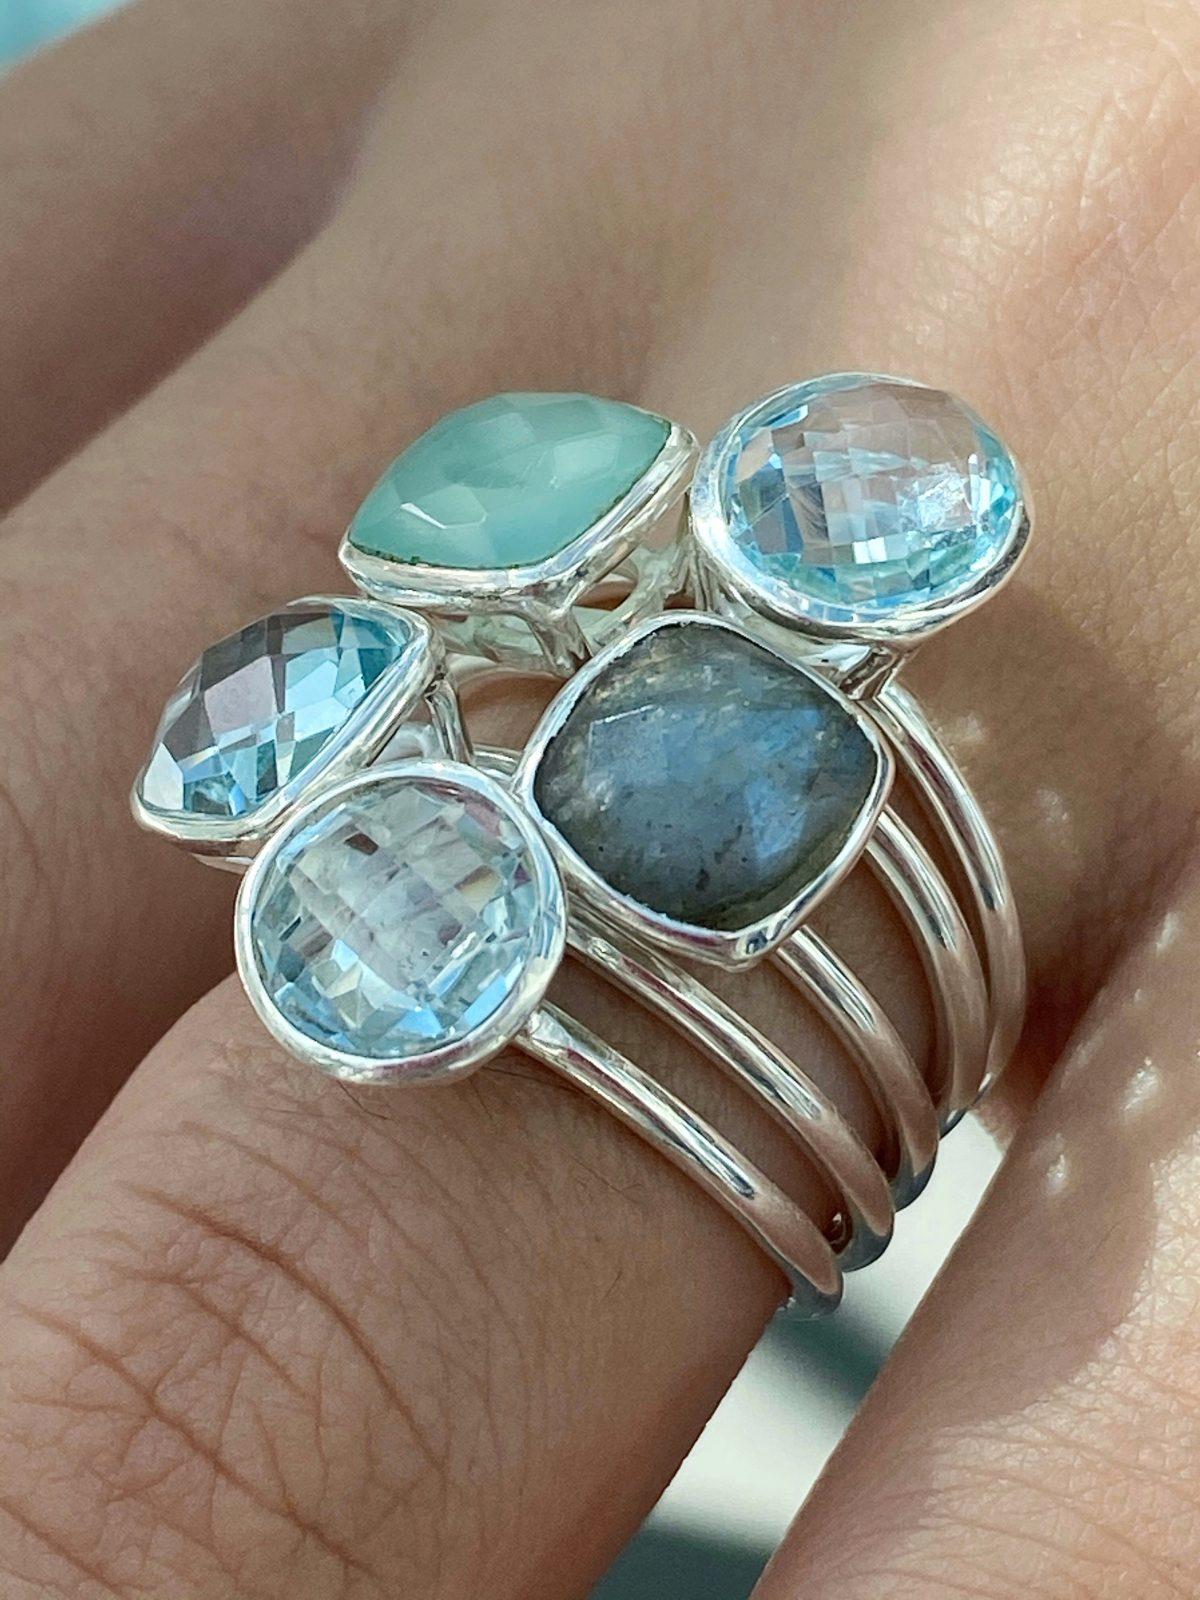 Labradorite stacing ring, cushion cut Labradorite ring. Silver stacking ring.